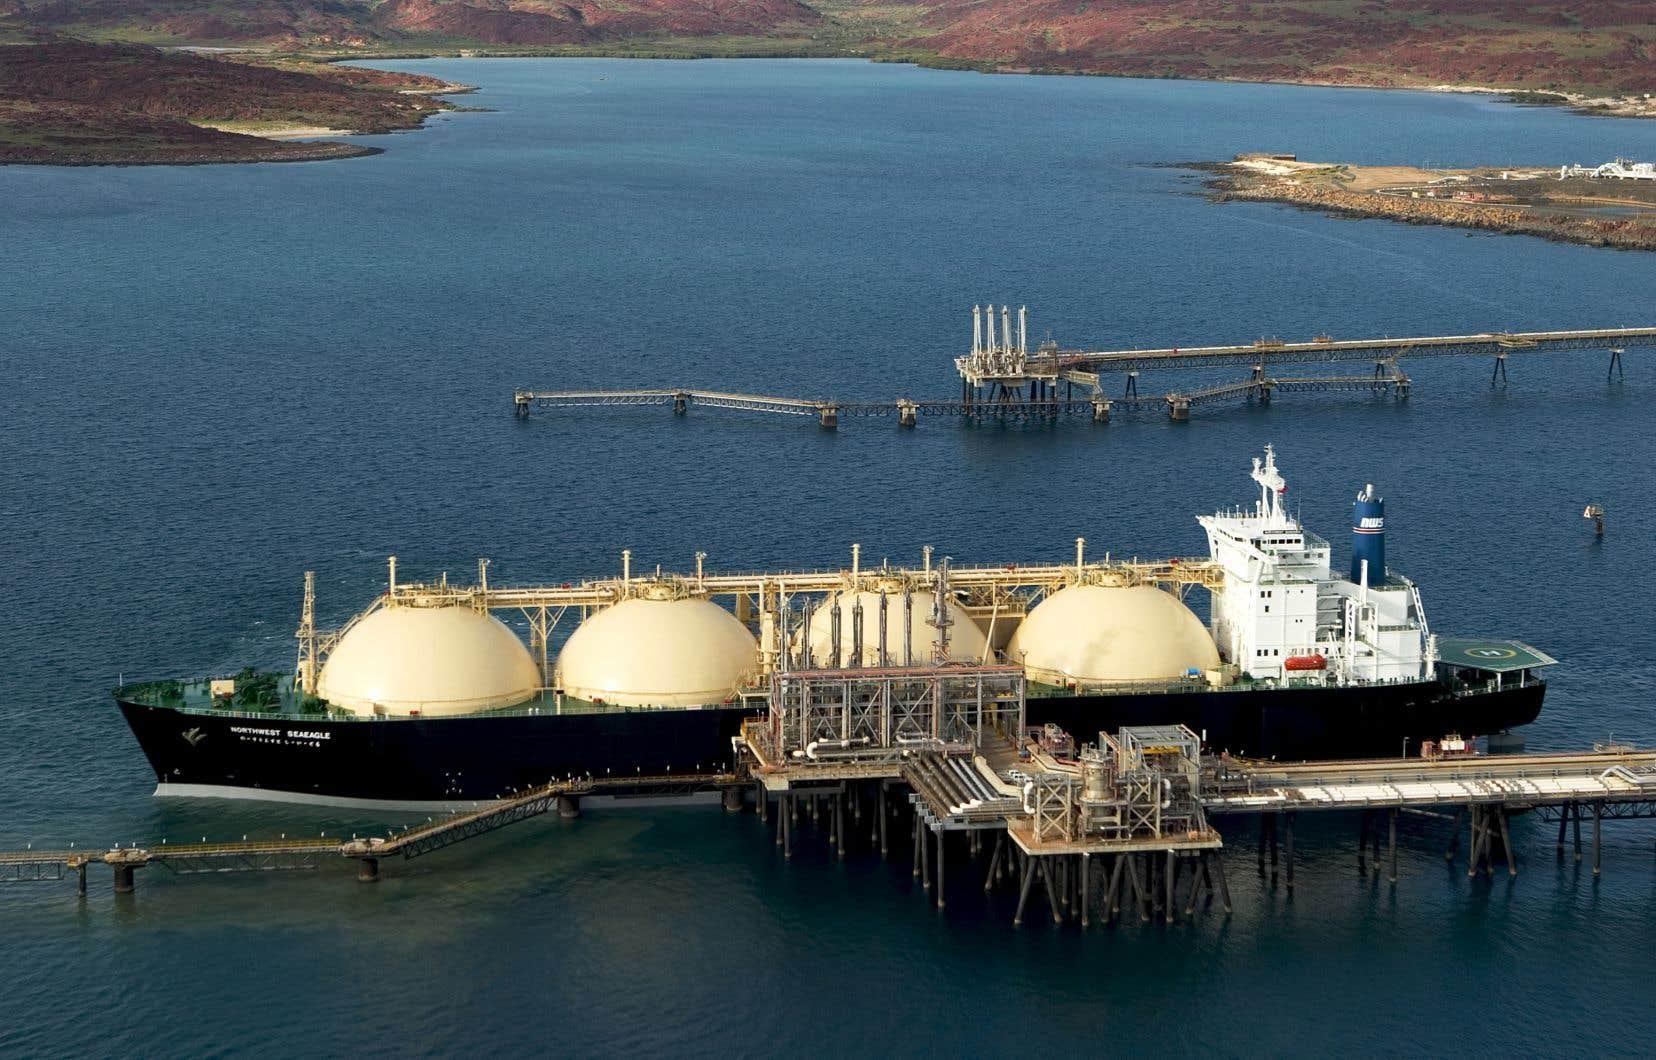 La production gazière croissante du Canada est rendue possible grâce à l'exploitation par fracturation. C'est ce type de gaz qui justifie le développement de projets de liquéfaction en vue de l'exportation par navires, comme le projet GNL Québec.